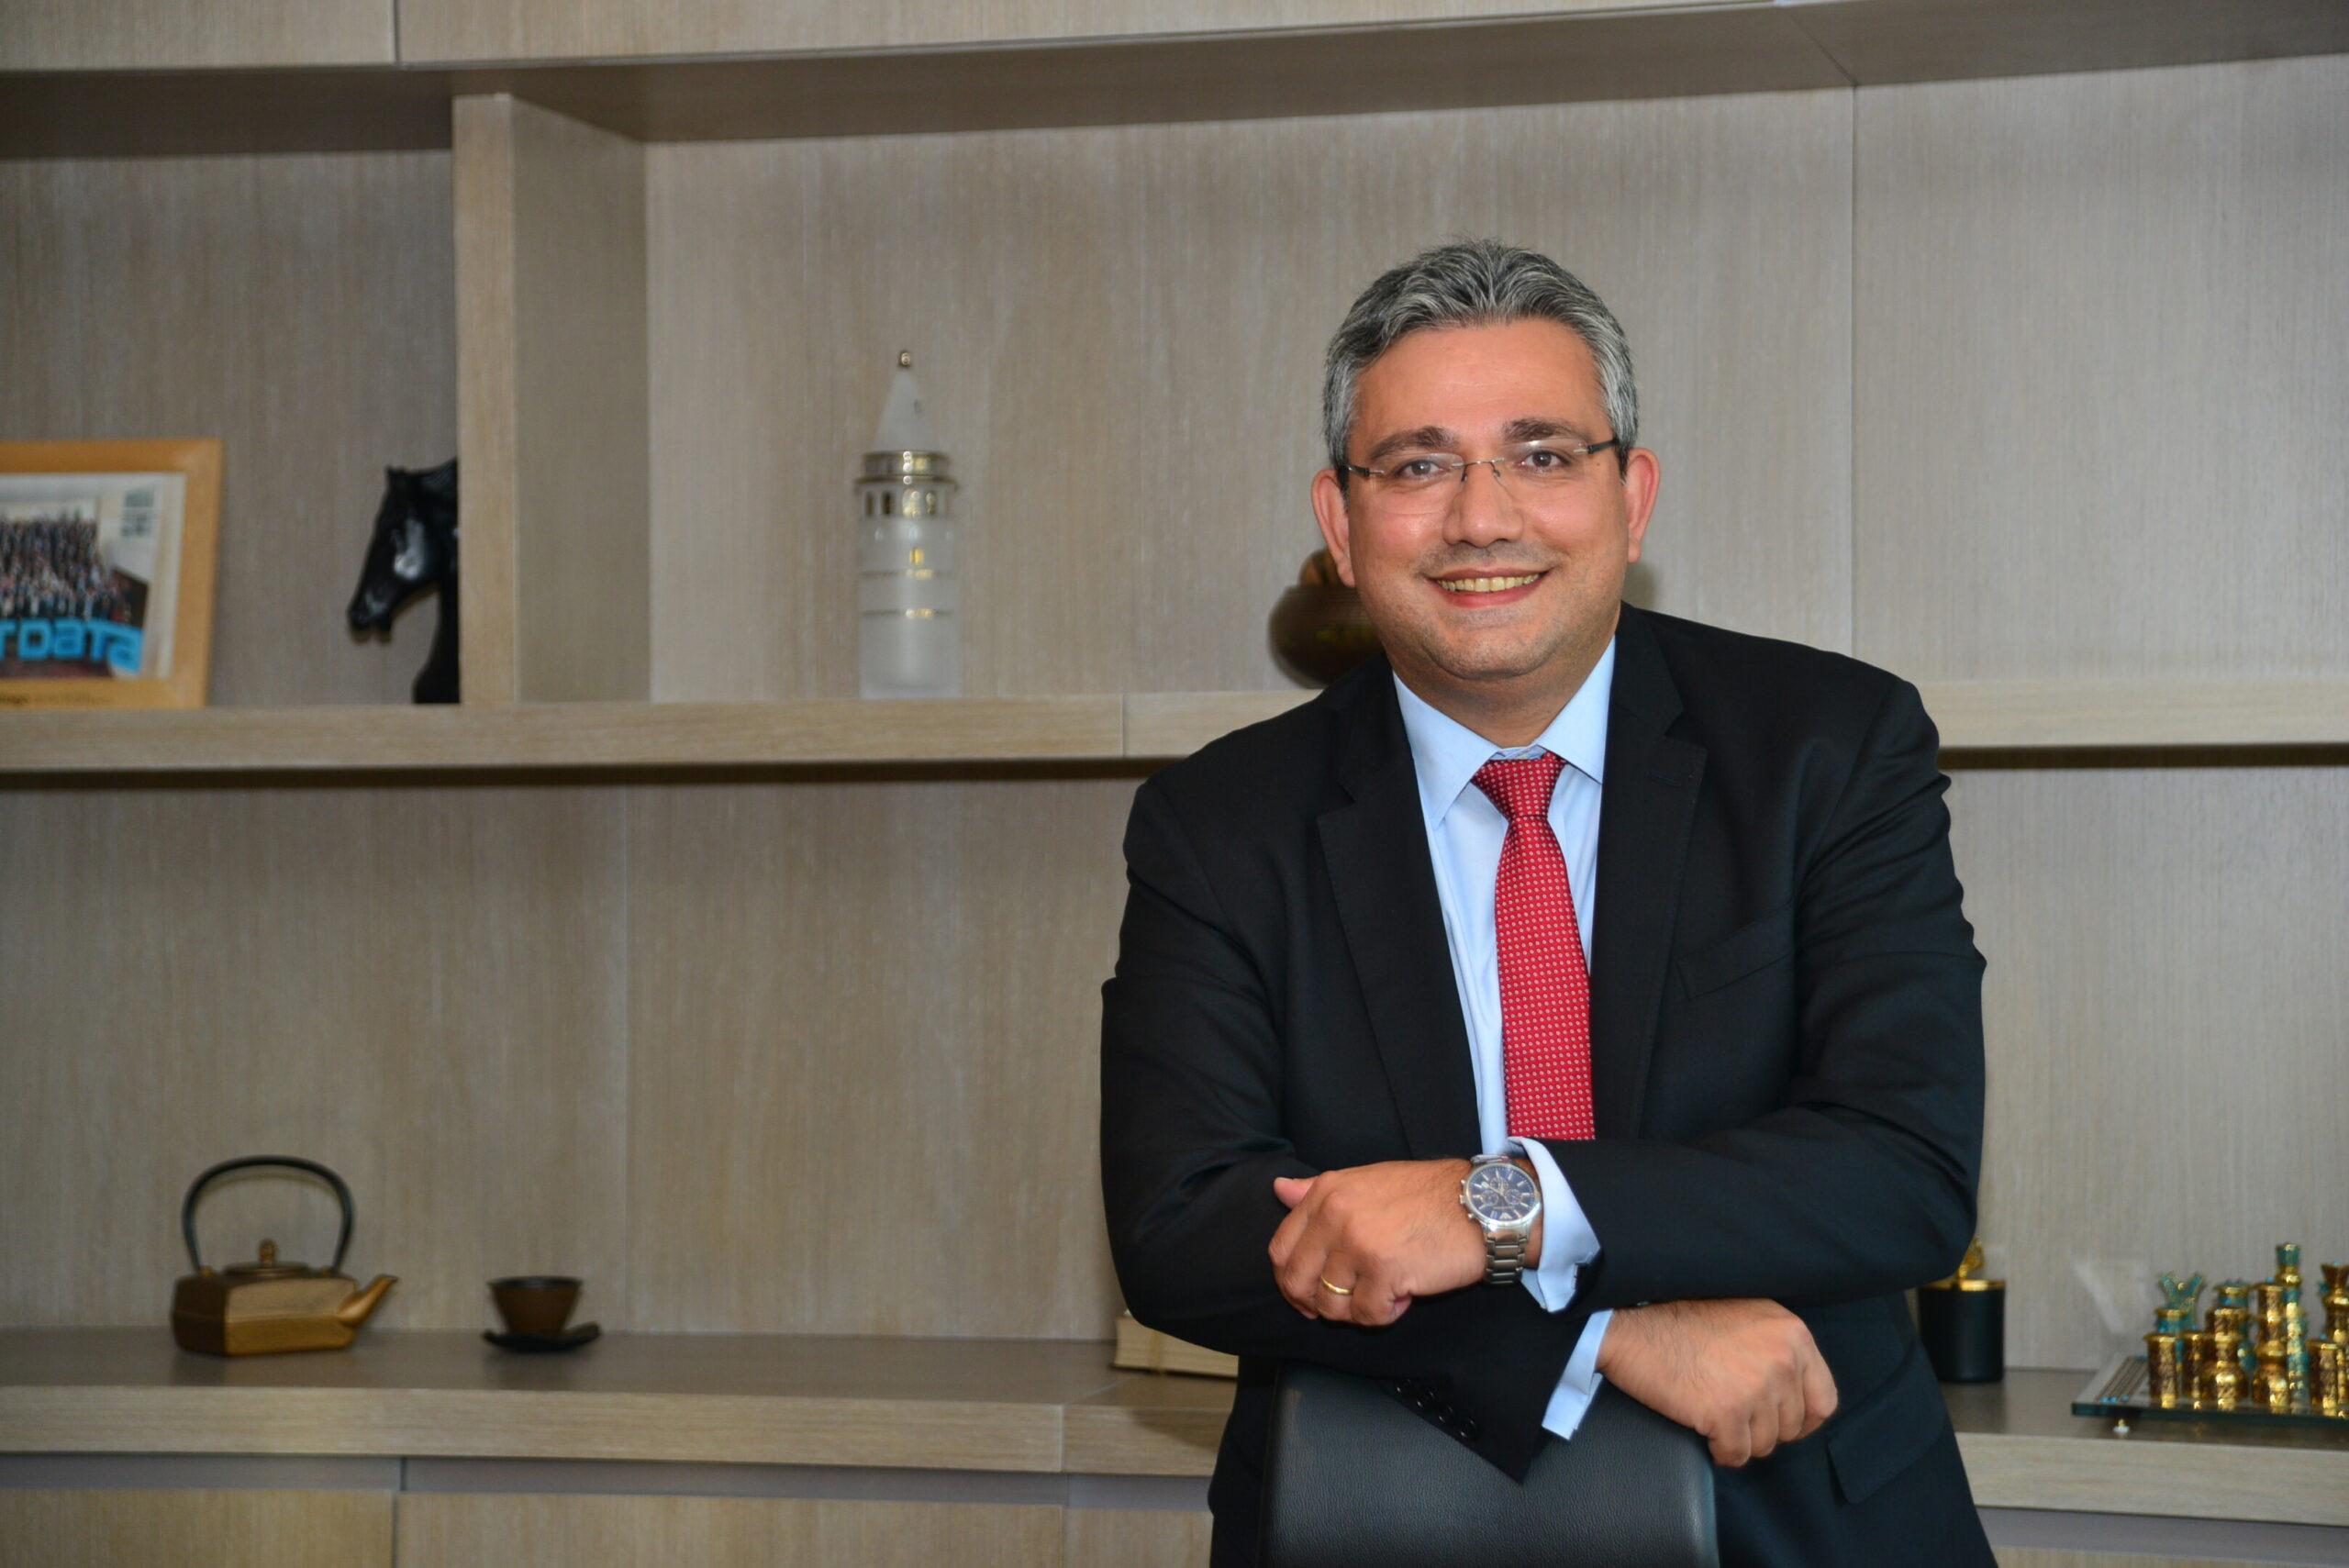 Dr. Abdülbahri Danış